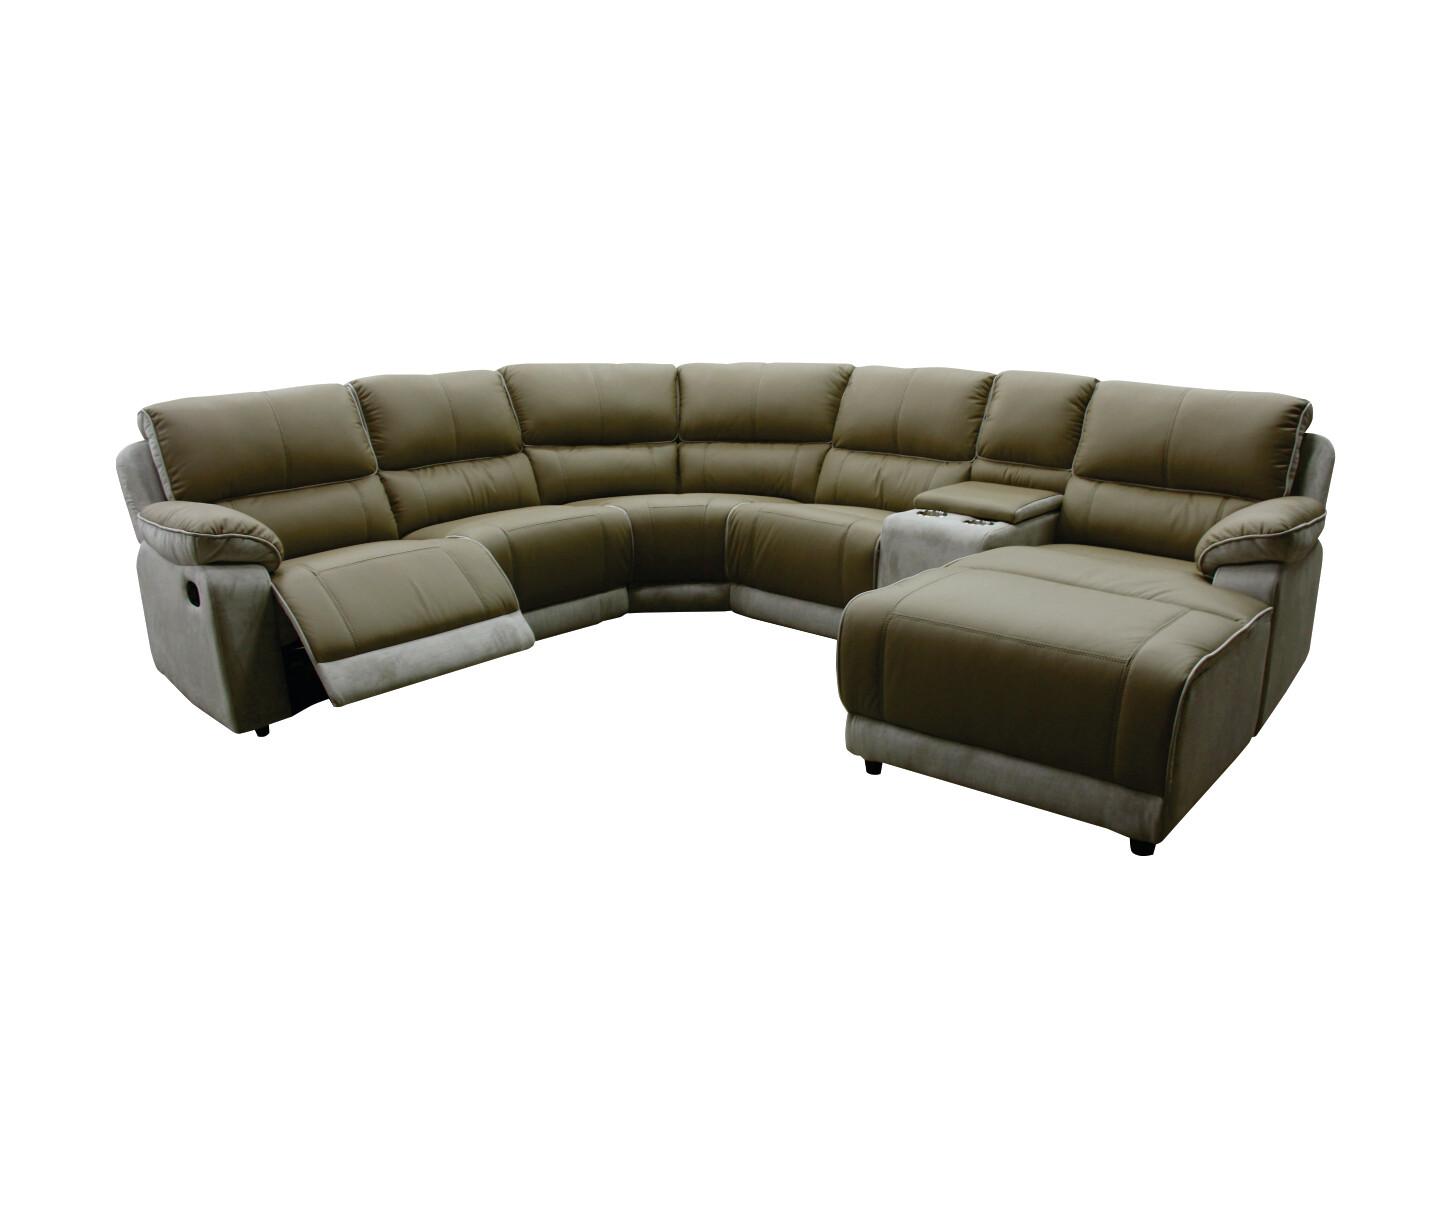 L-shape sofa with recliner (Mocha)